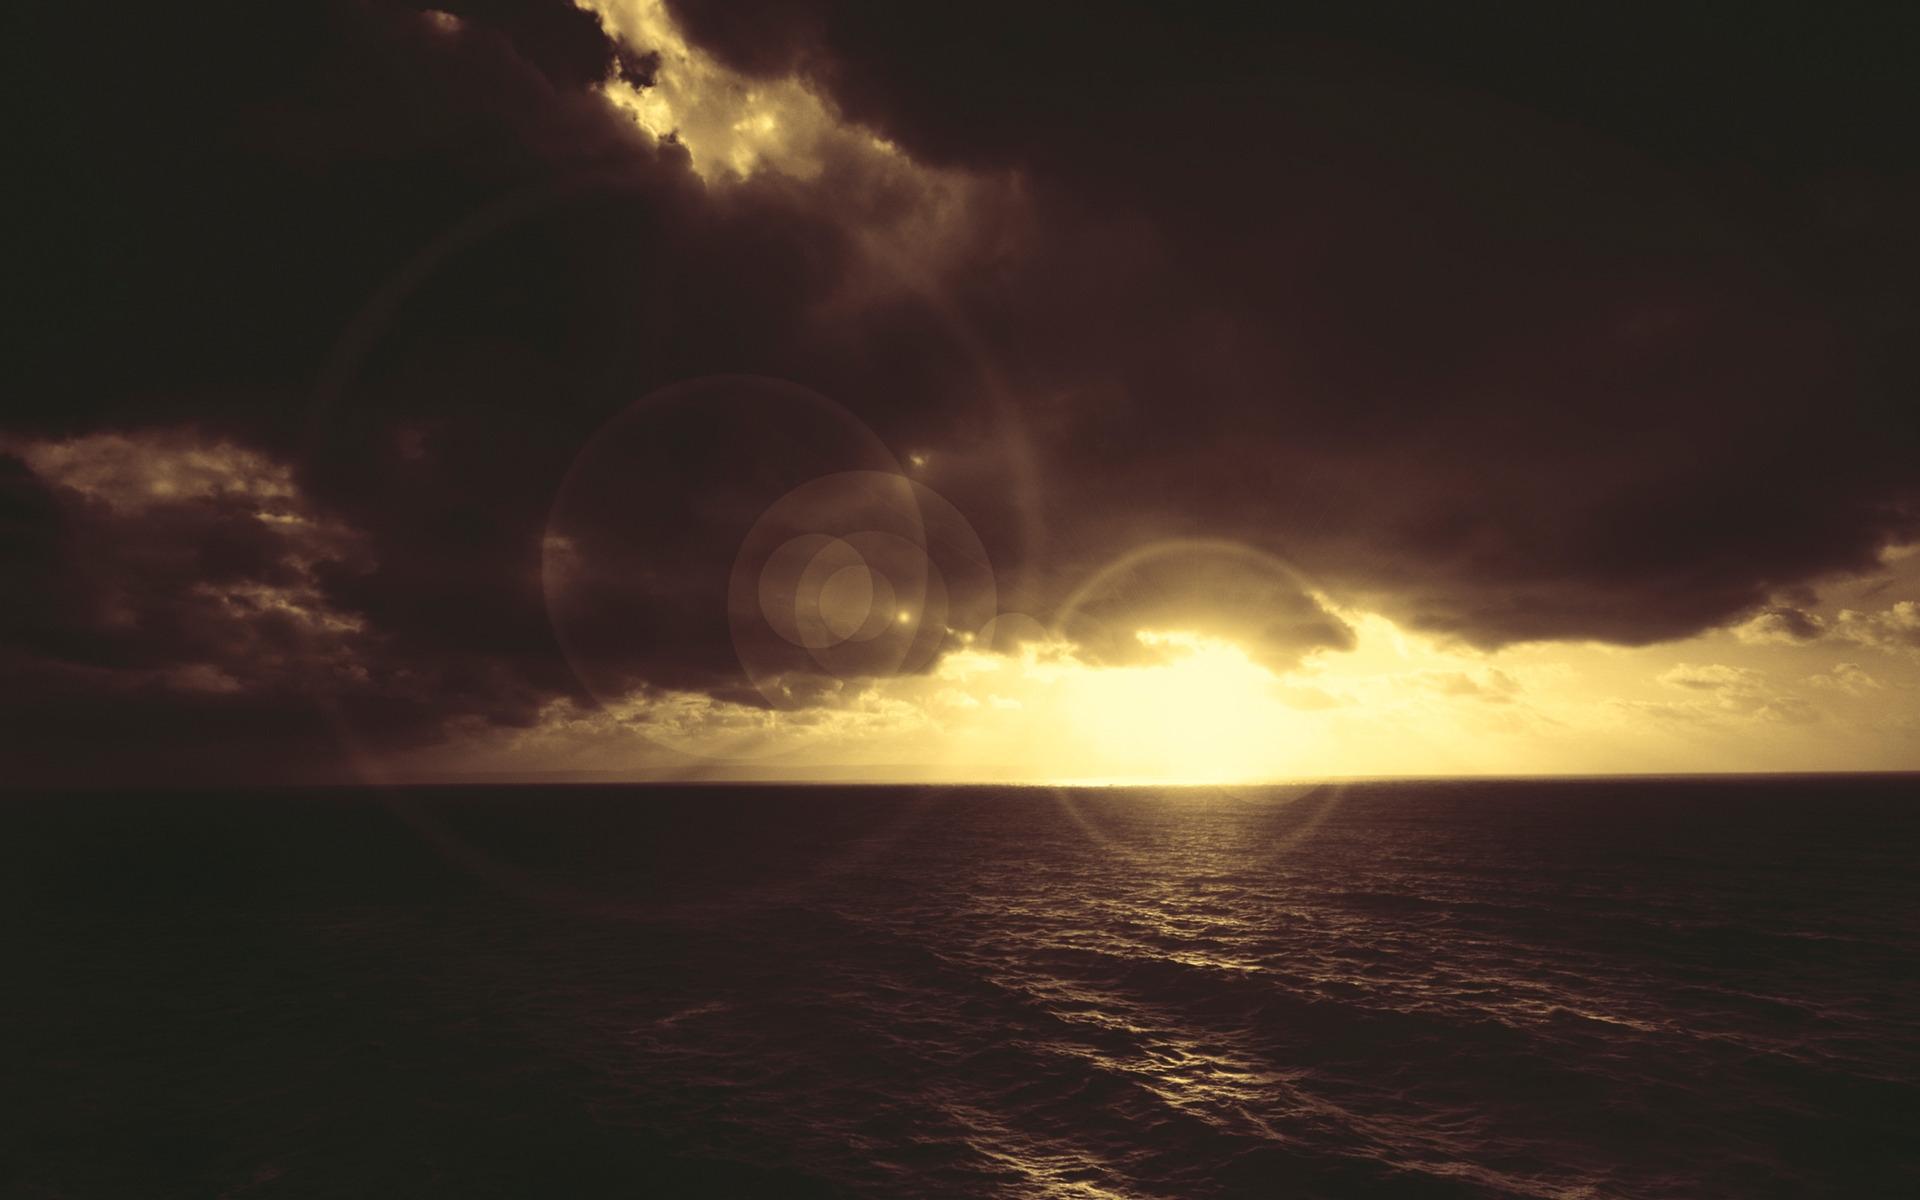 Картинки Пятна света, море, облака, свет фото и обои на рабочий стол